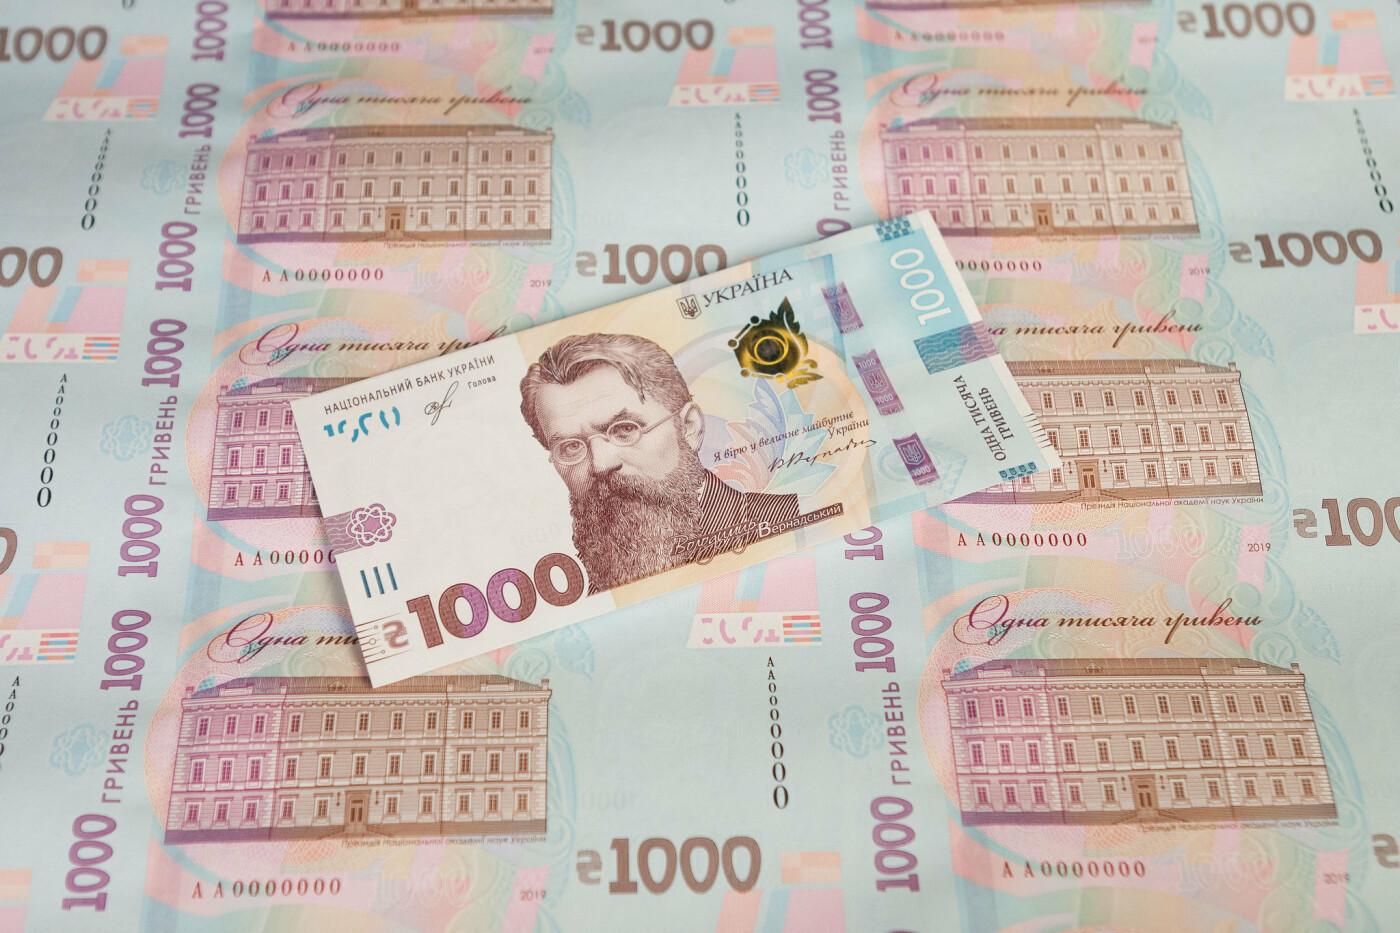 До уваги білоцерківців: Нацбанк вводить в обіг 1000-гривневу купюру, фото-2